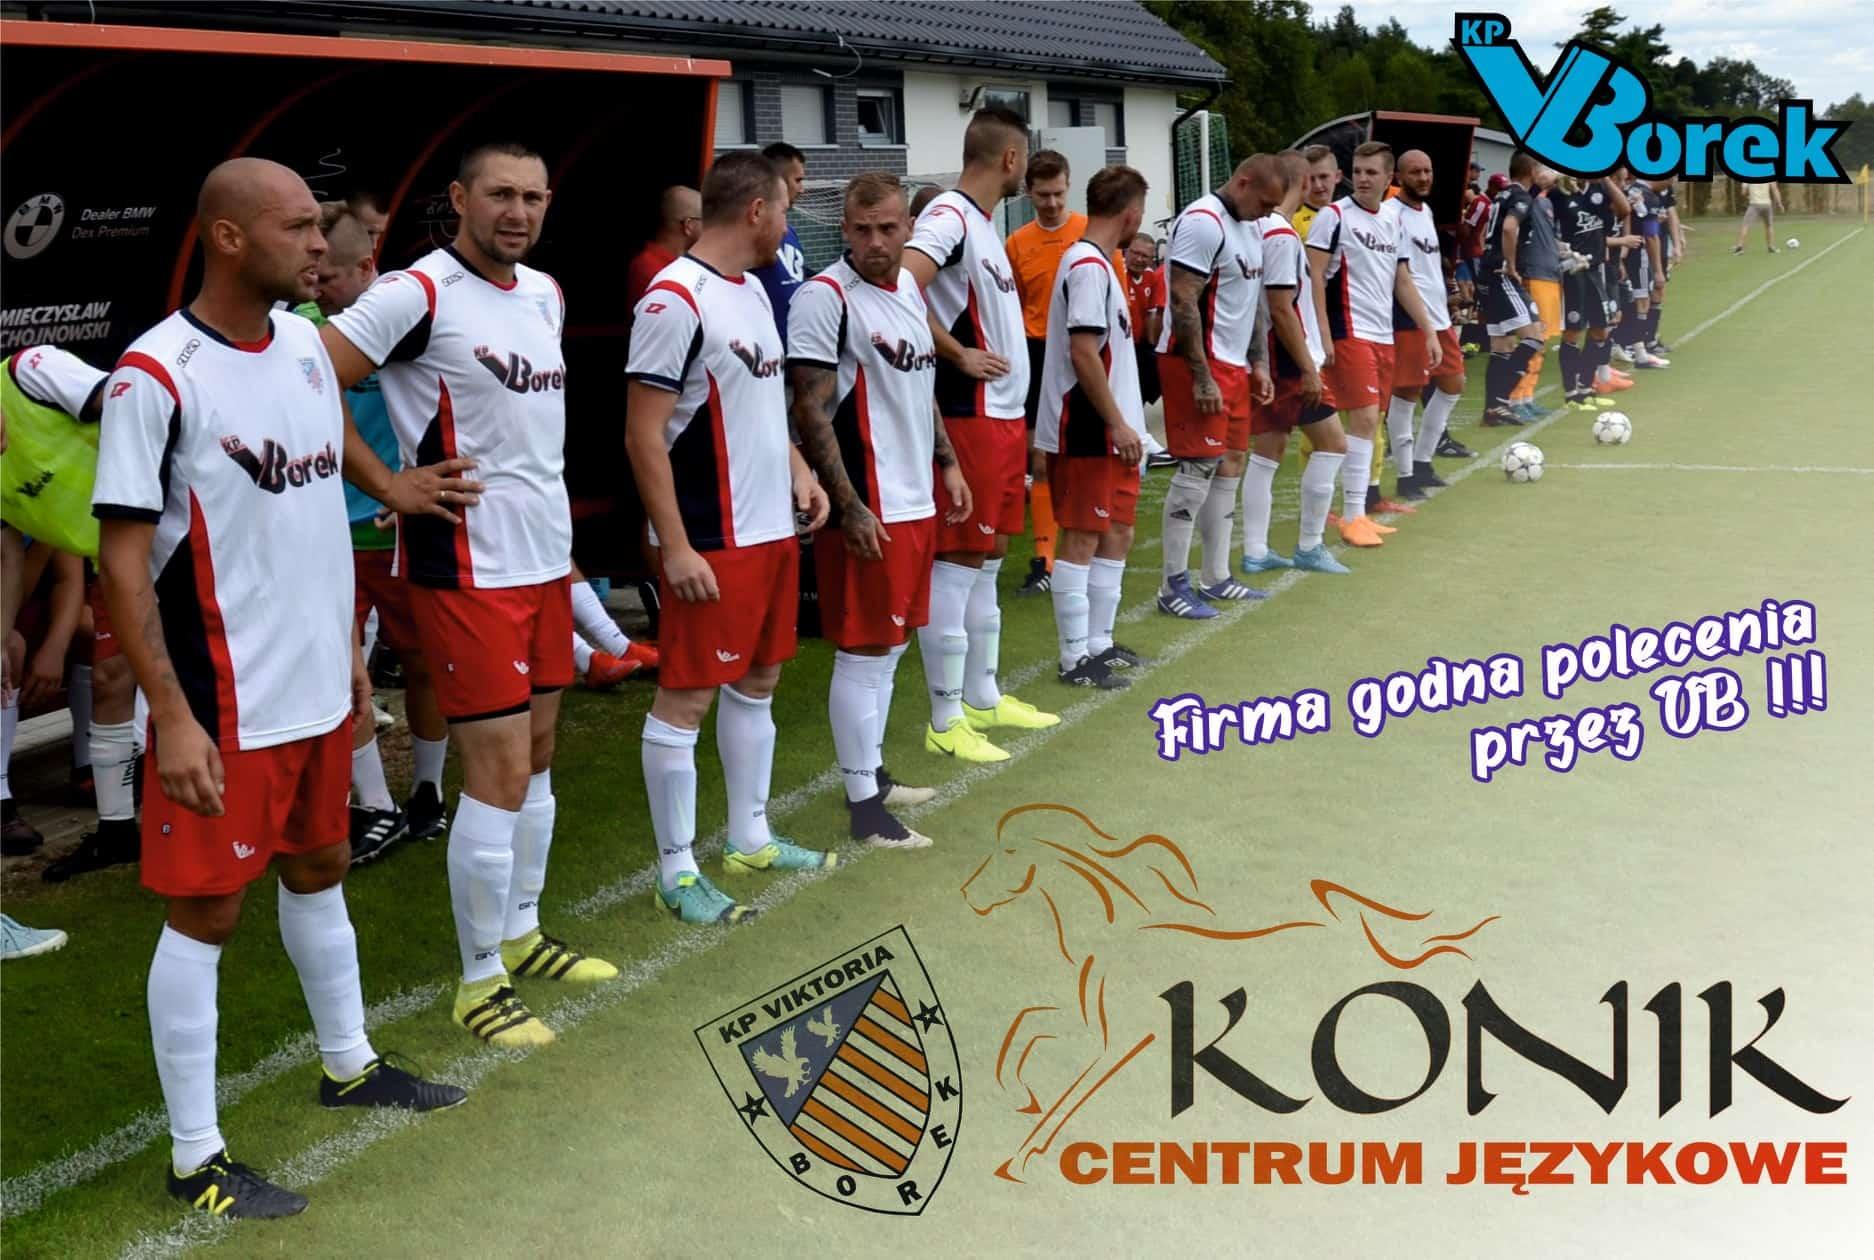 CJ Konik wspiera klub piłkarski VIKTORIA BOREK